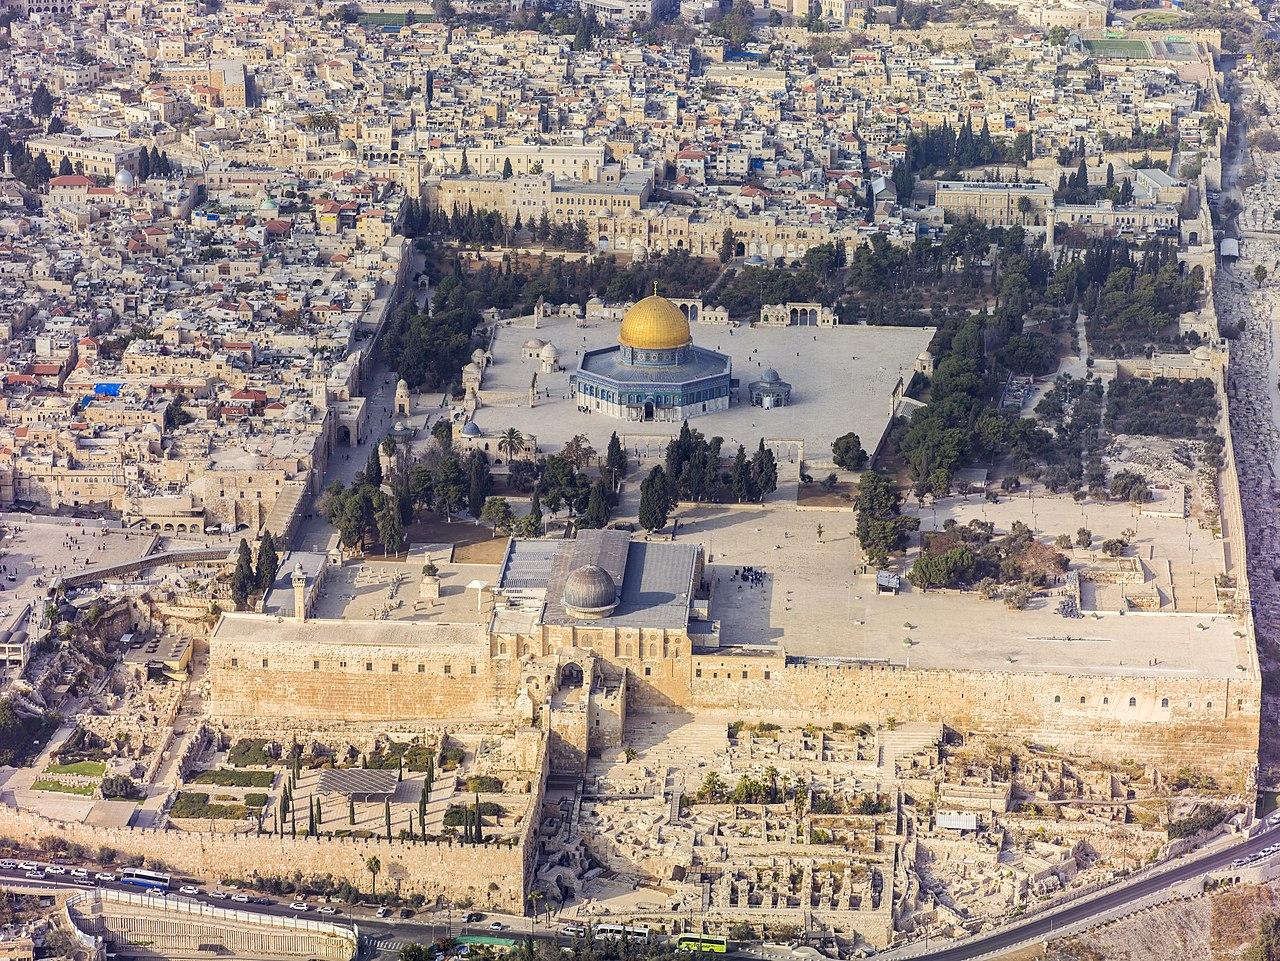 بالصور صور المسجد الاقصى , احلى الصور للصرح العظيم مسجد الاقصى 5061 3